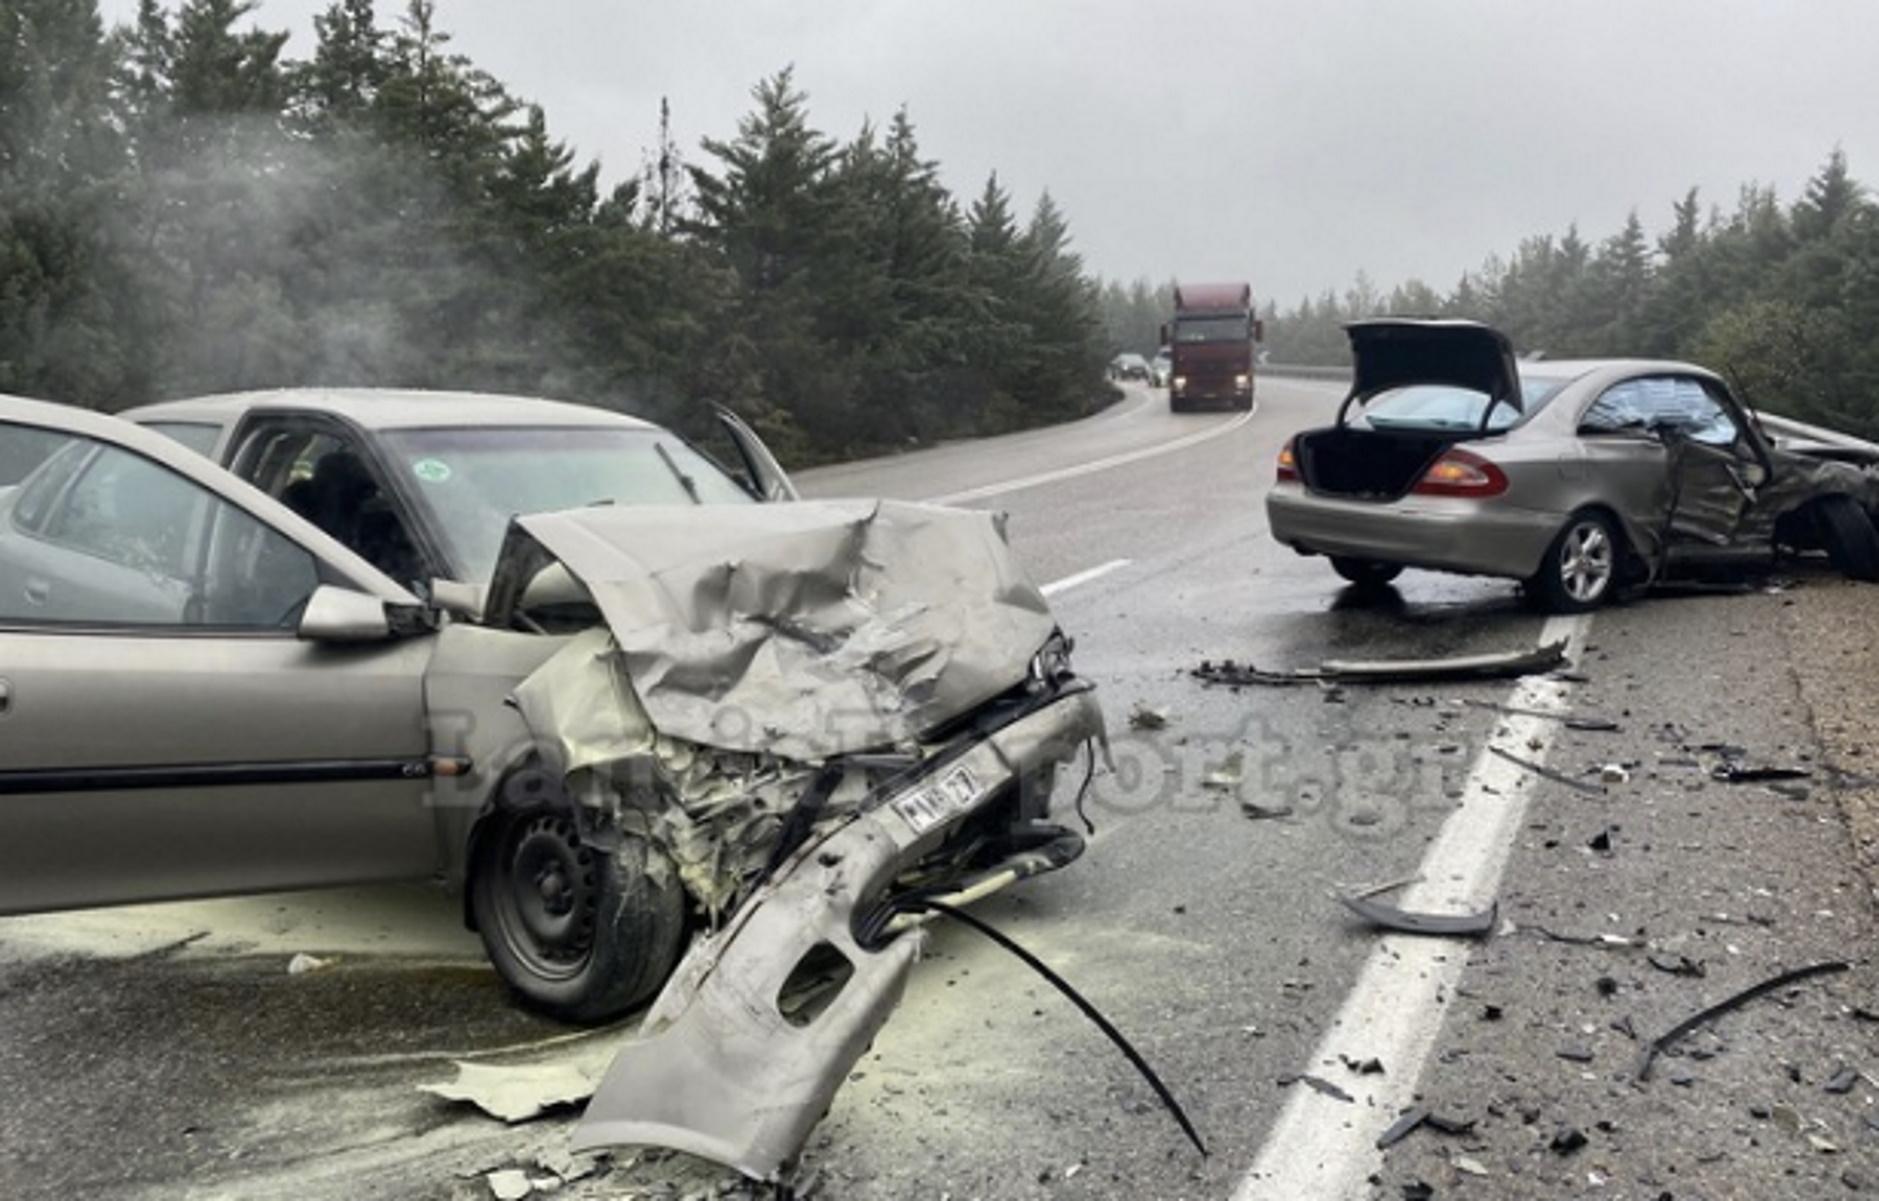 Φθιώτιδα: Τέσσερις τραυματίες σε σοκαριστικό τροχαίο – Σμπαράλια τα αυτοκίνητα (pics)